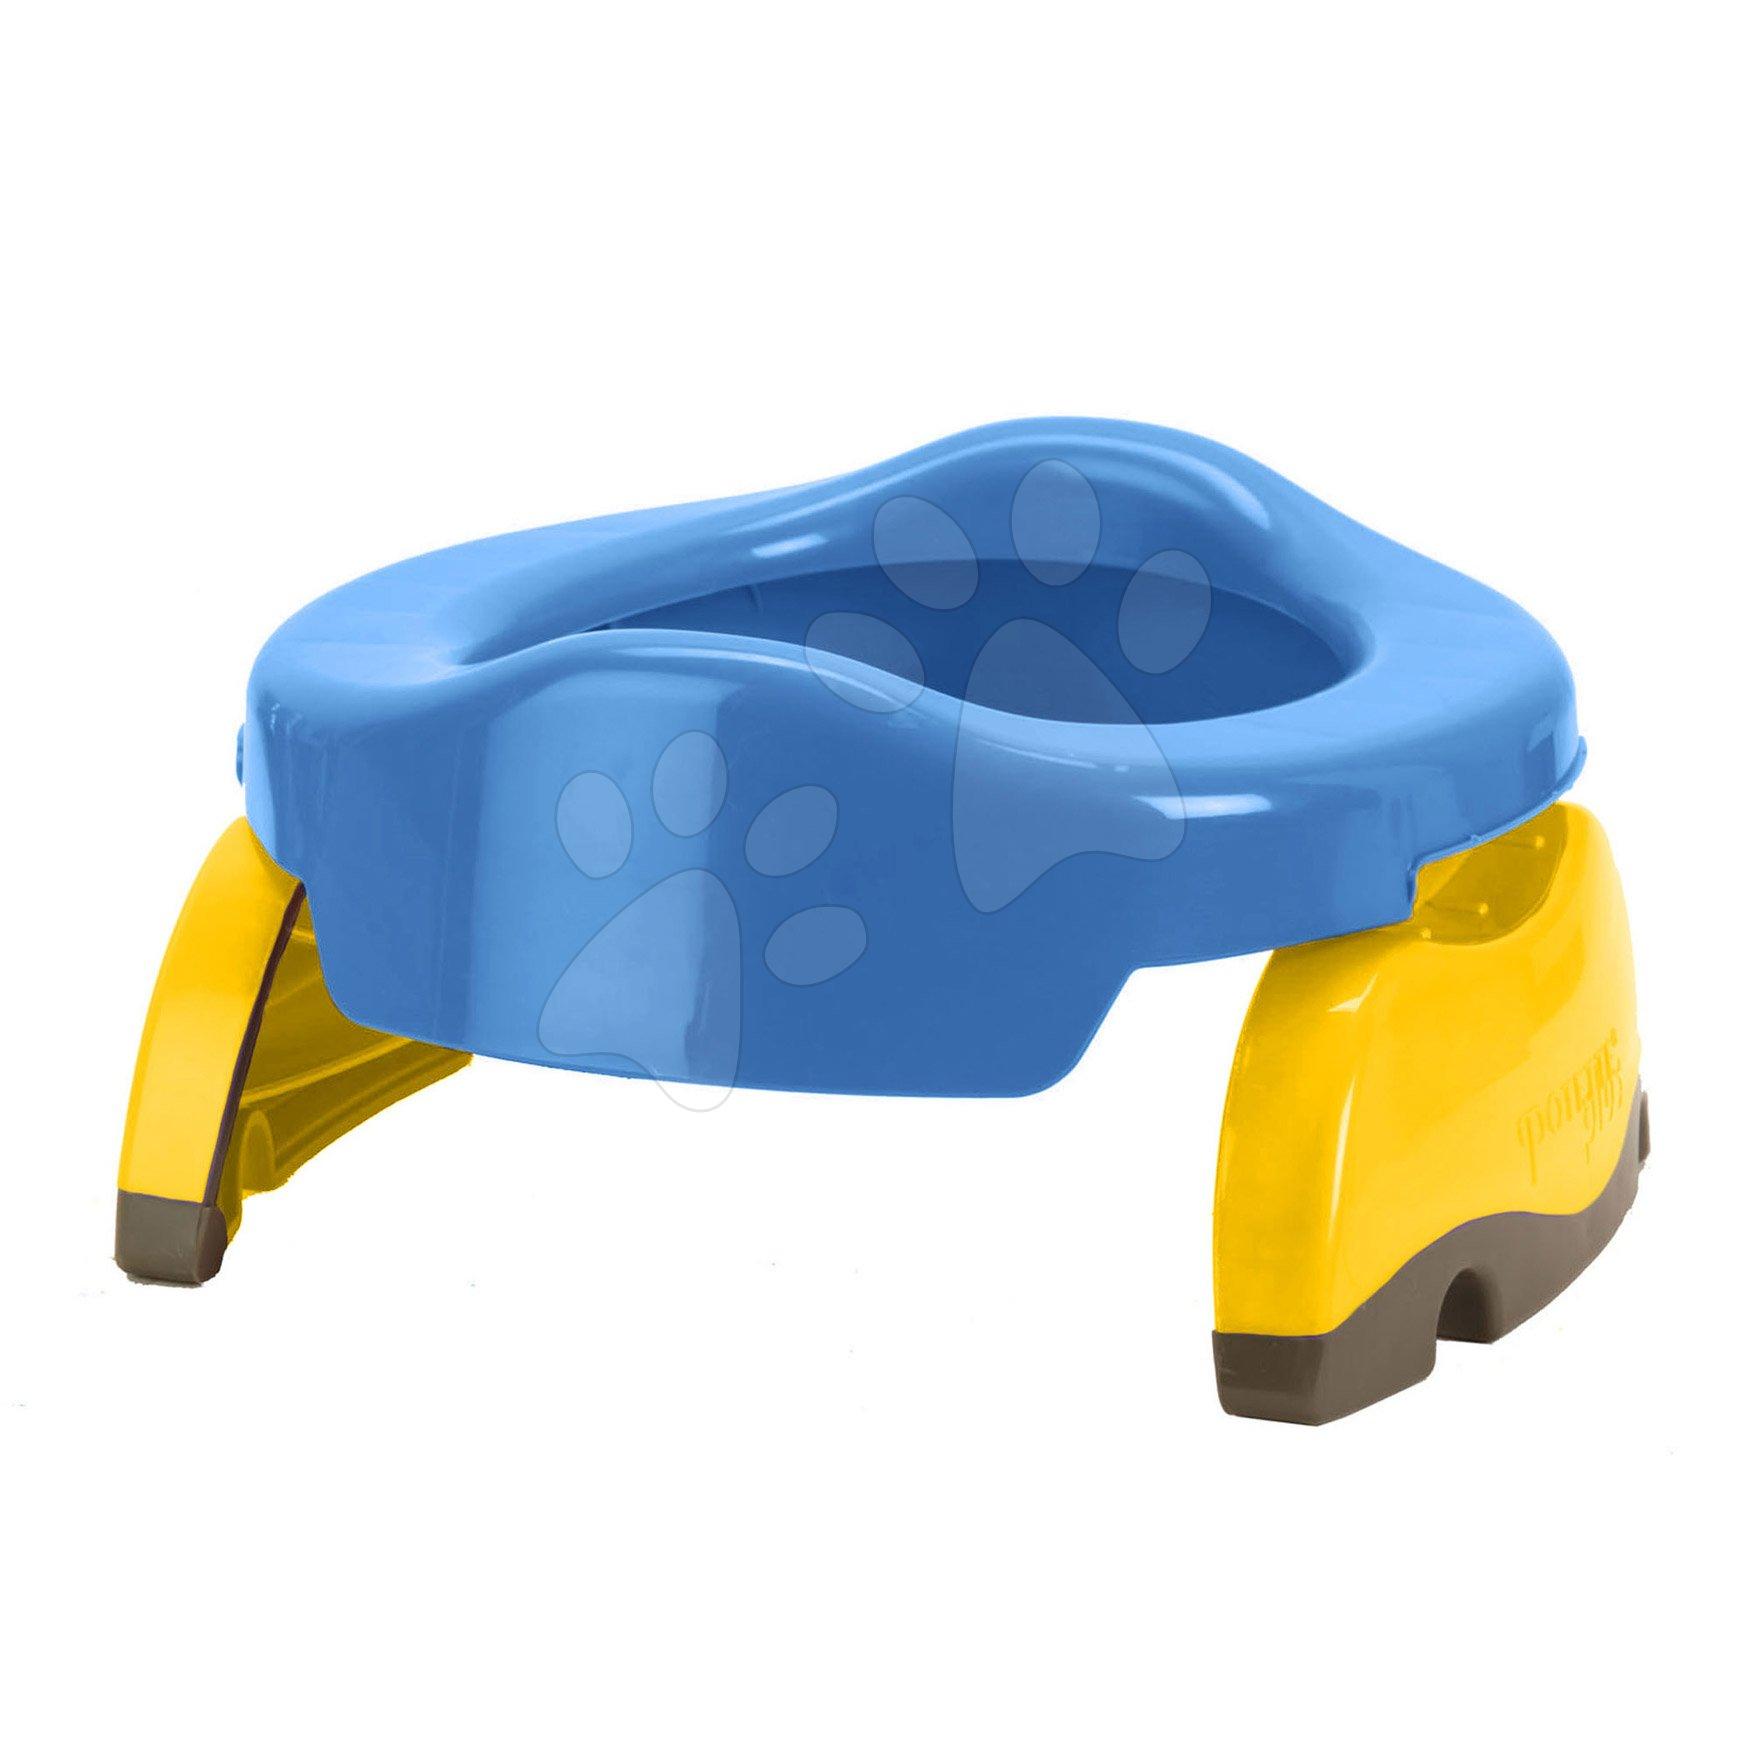 Cestovní nočník/redukce na WC Potette Plus modro-žlutý od 15 měsíců